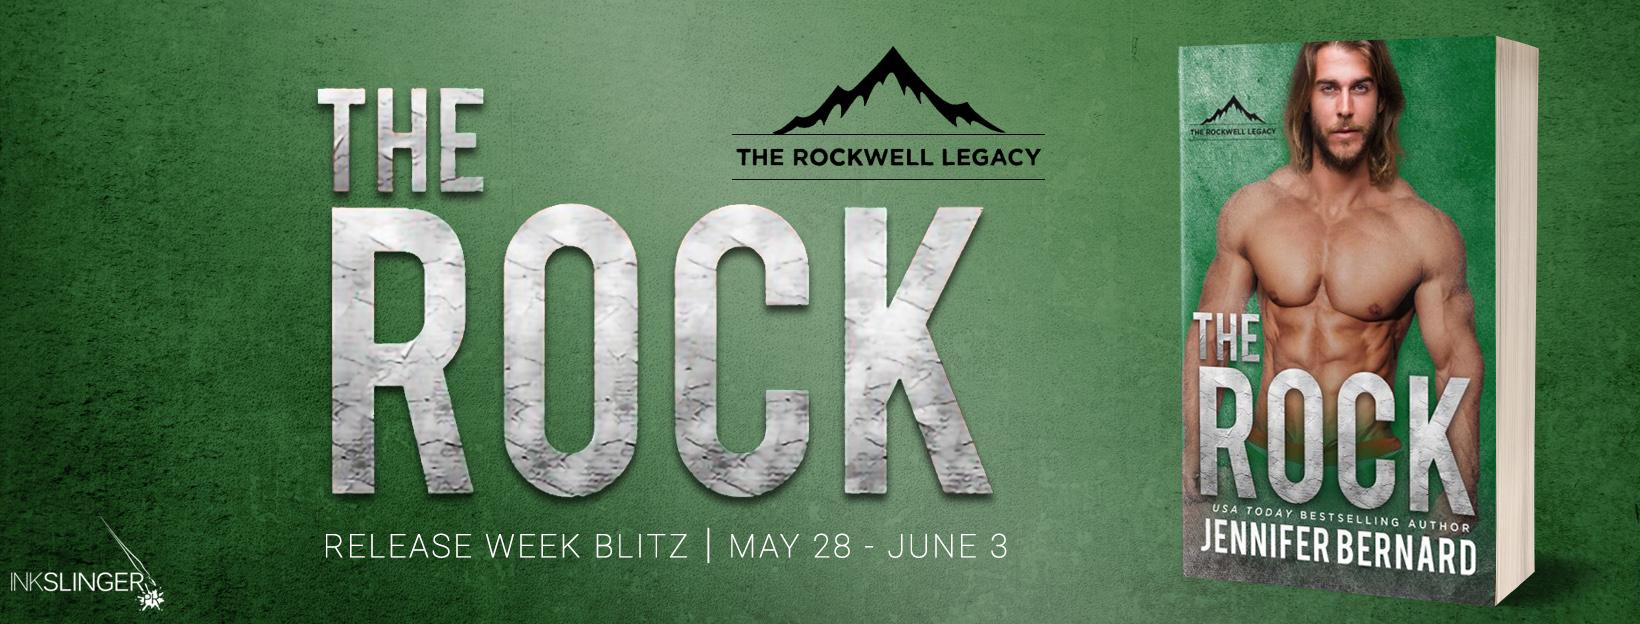 THE ROCK by Jennifer Bernard – Release Week Blitz